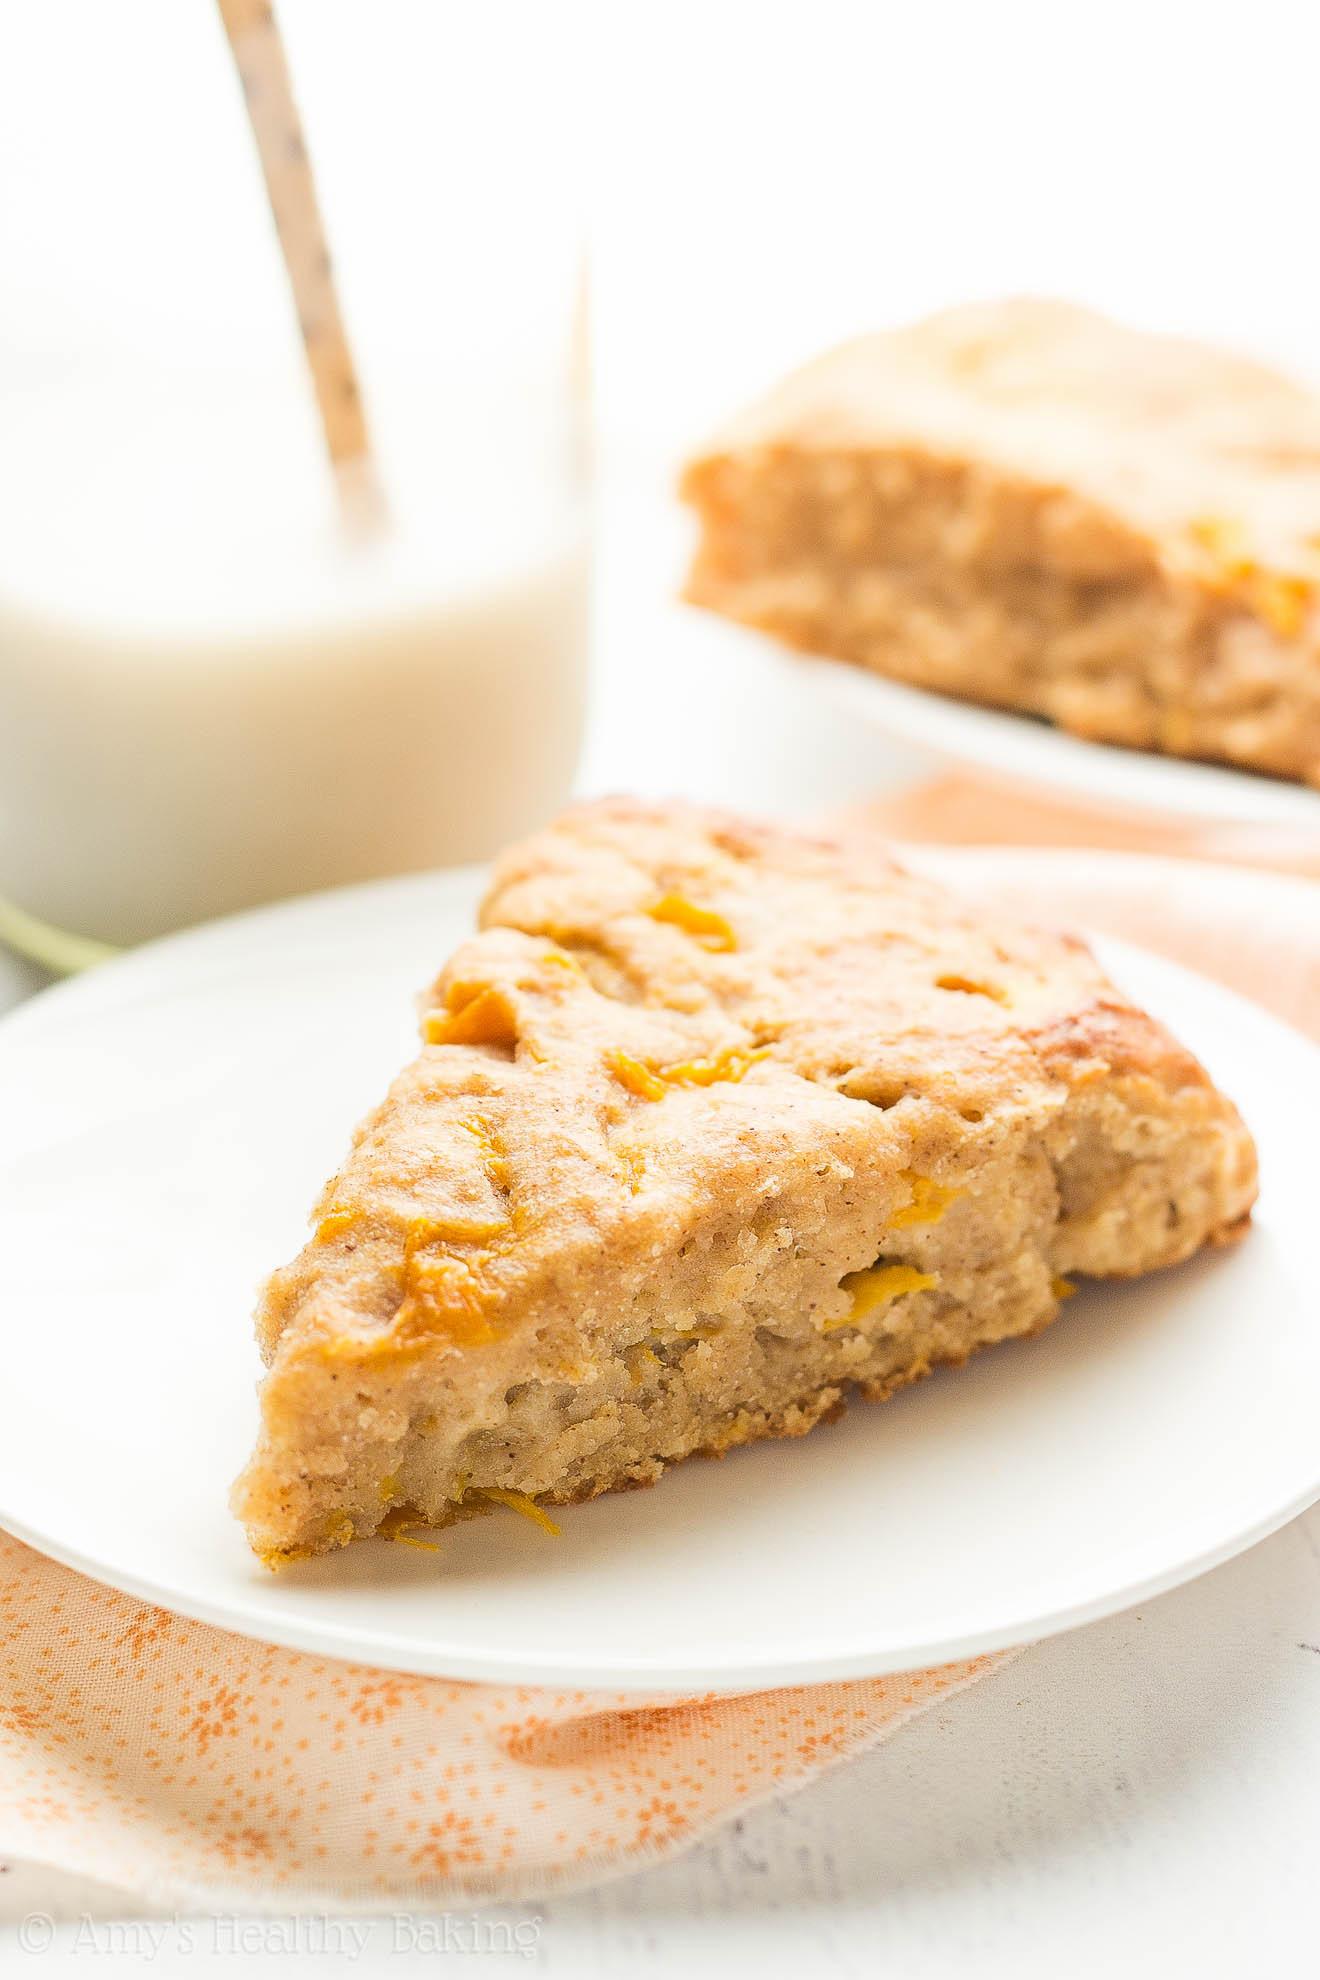 Healthy Peach Recipes  Healthy Honey Peach Scones Recipe Video